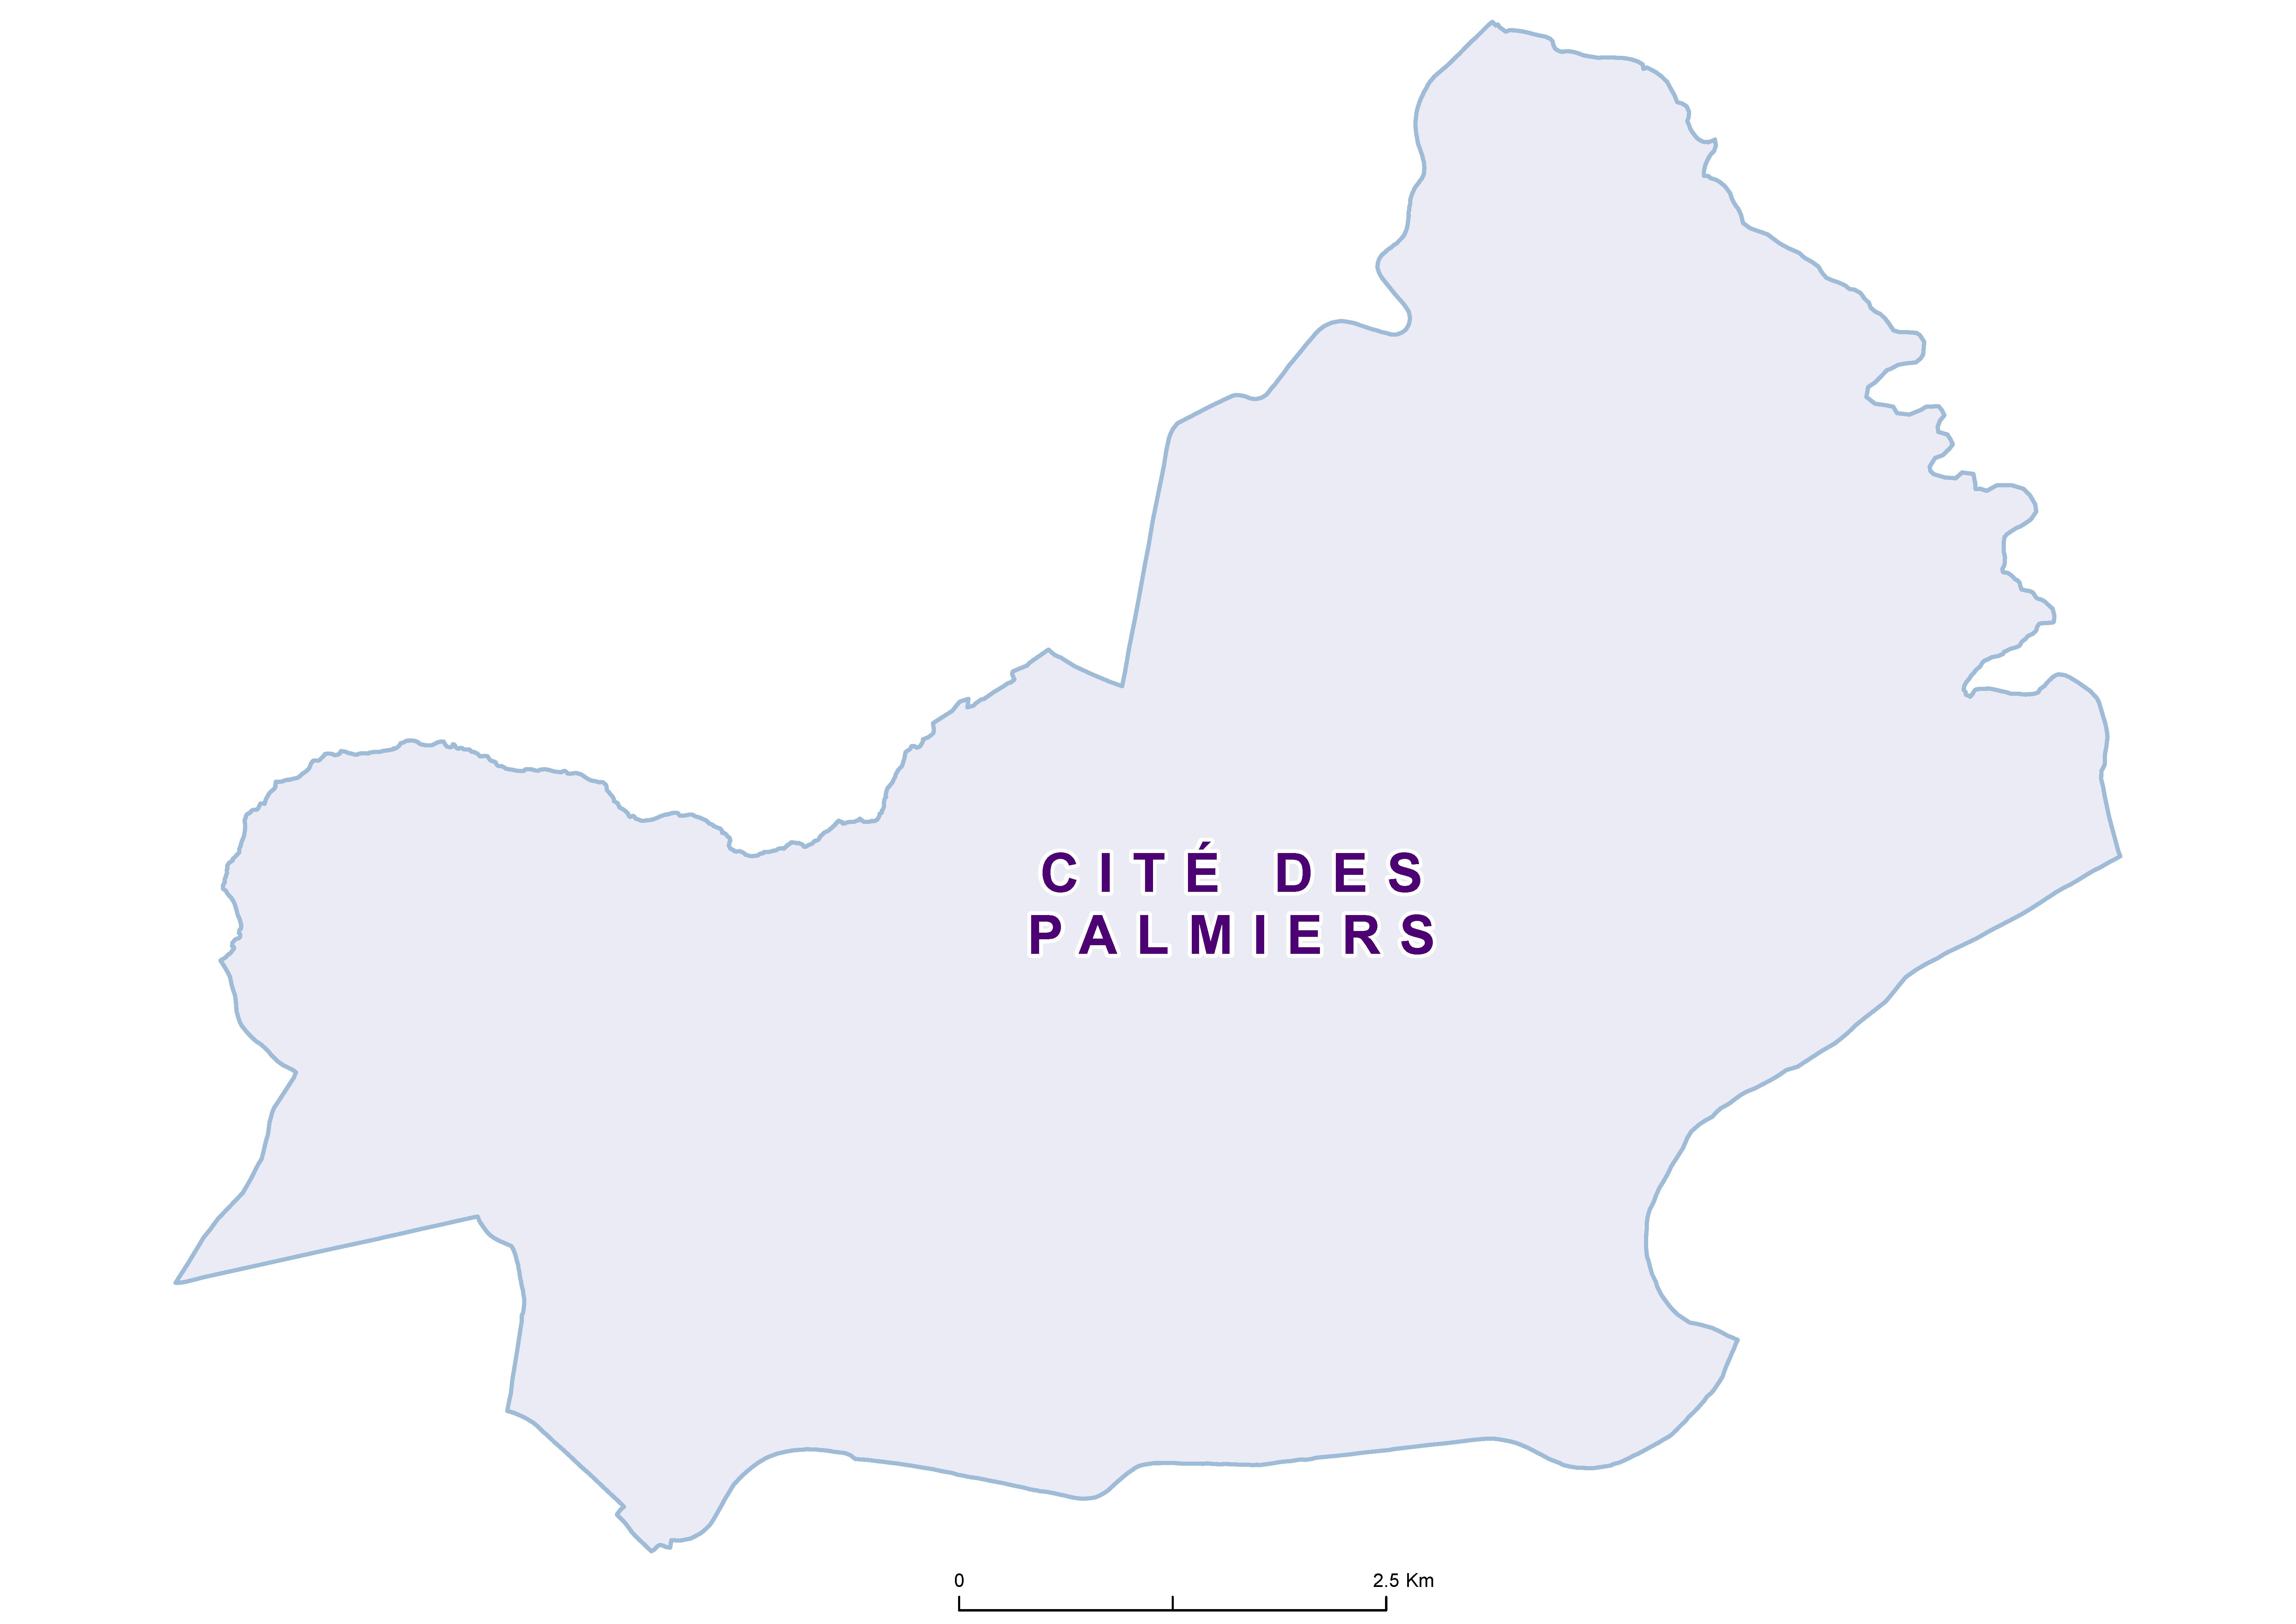 Cité des palmiers Max SCH 20100001